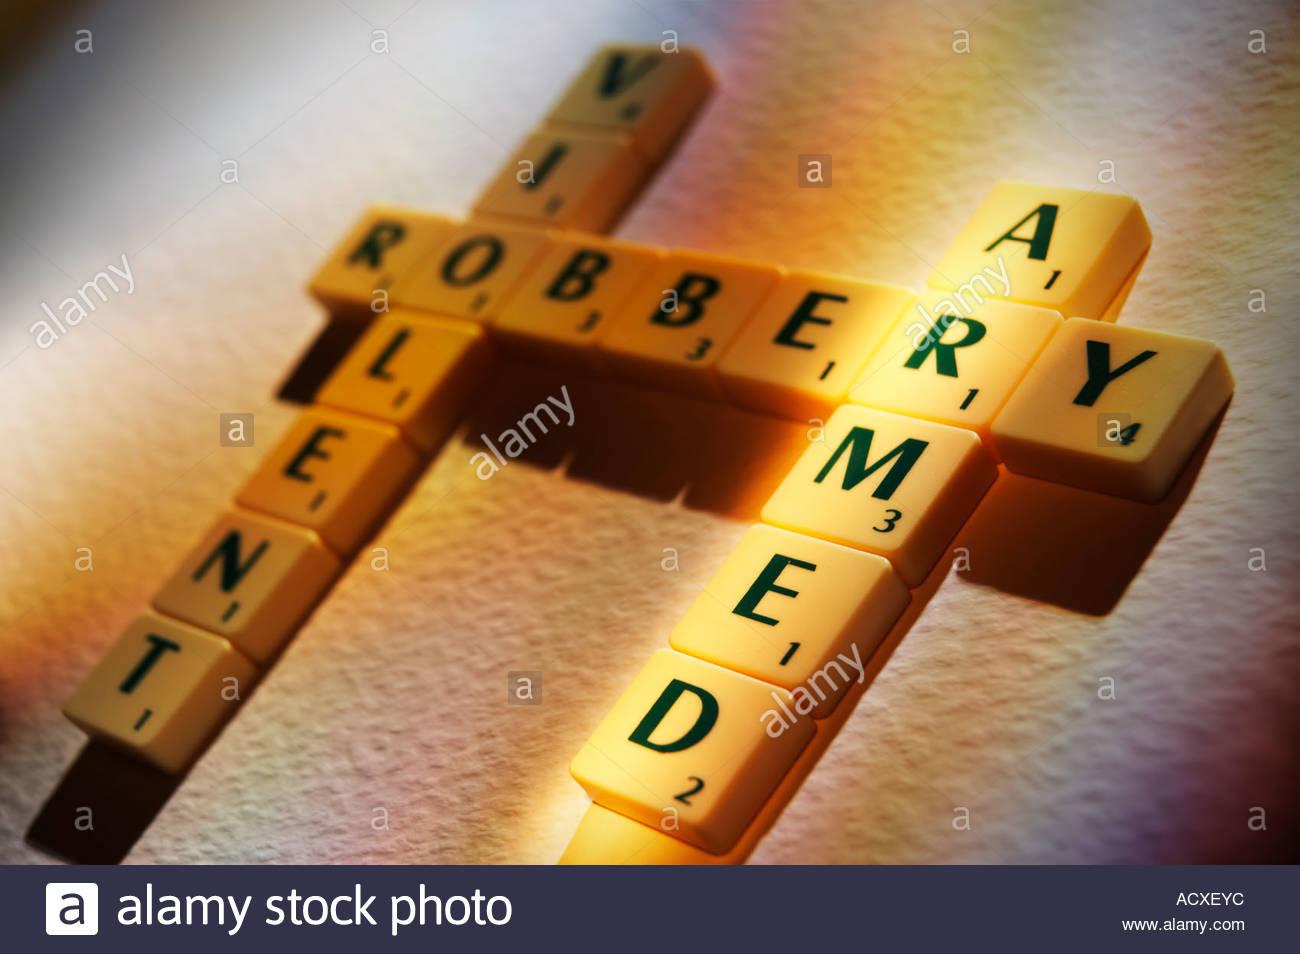 Jeu De Société Scrabble Lettres Formant Les Mots À Main à Jeu De Société Avec Des Lettres